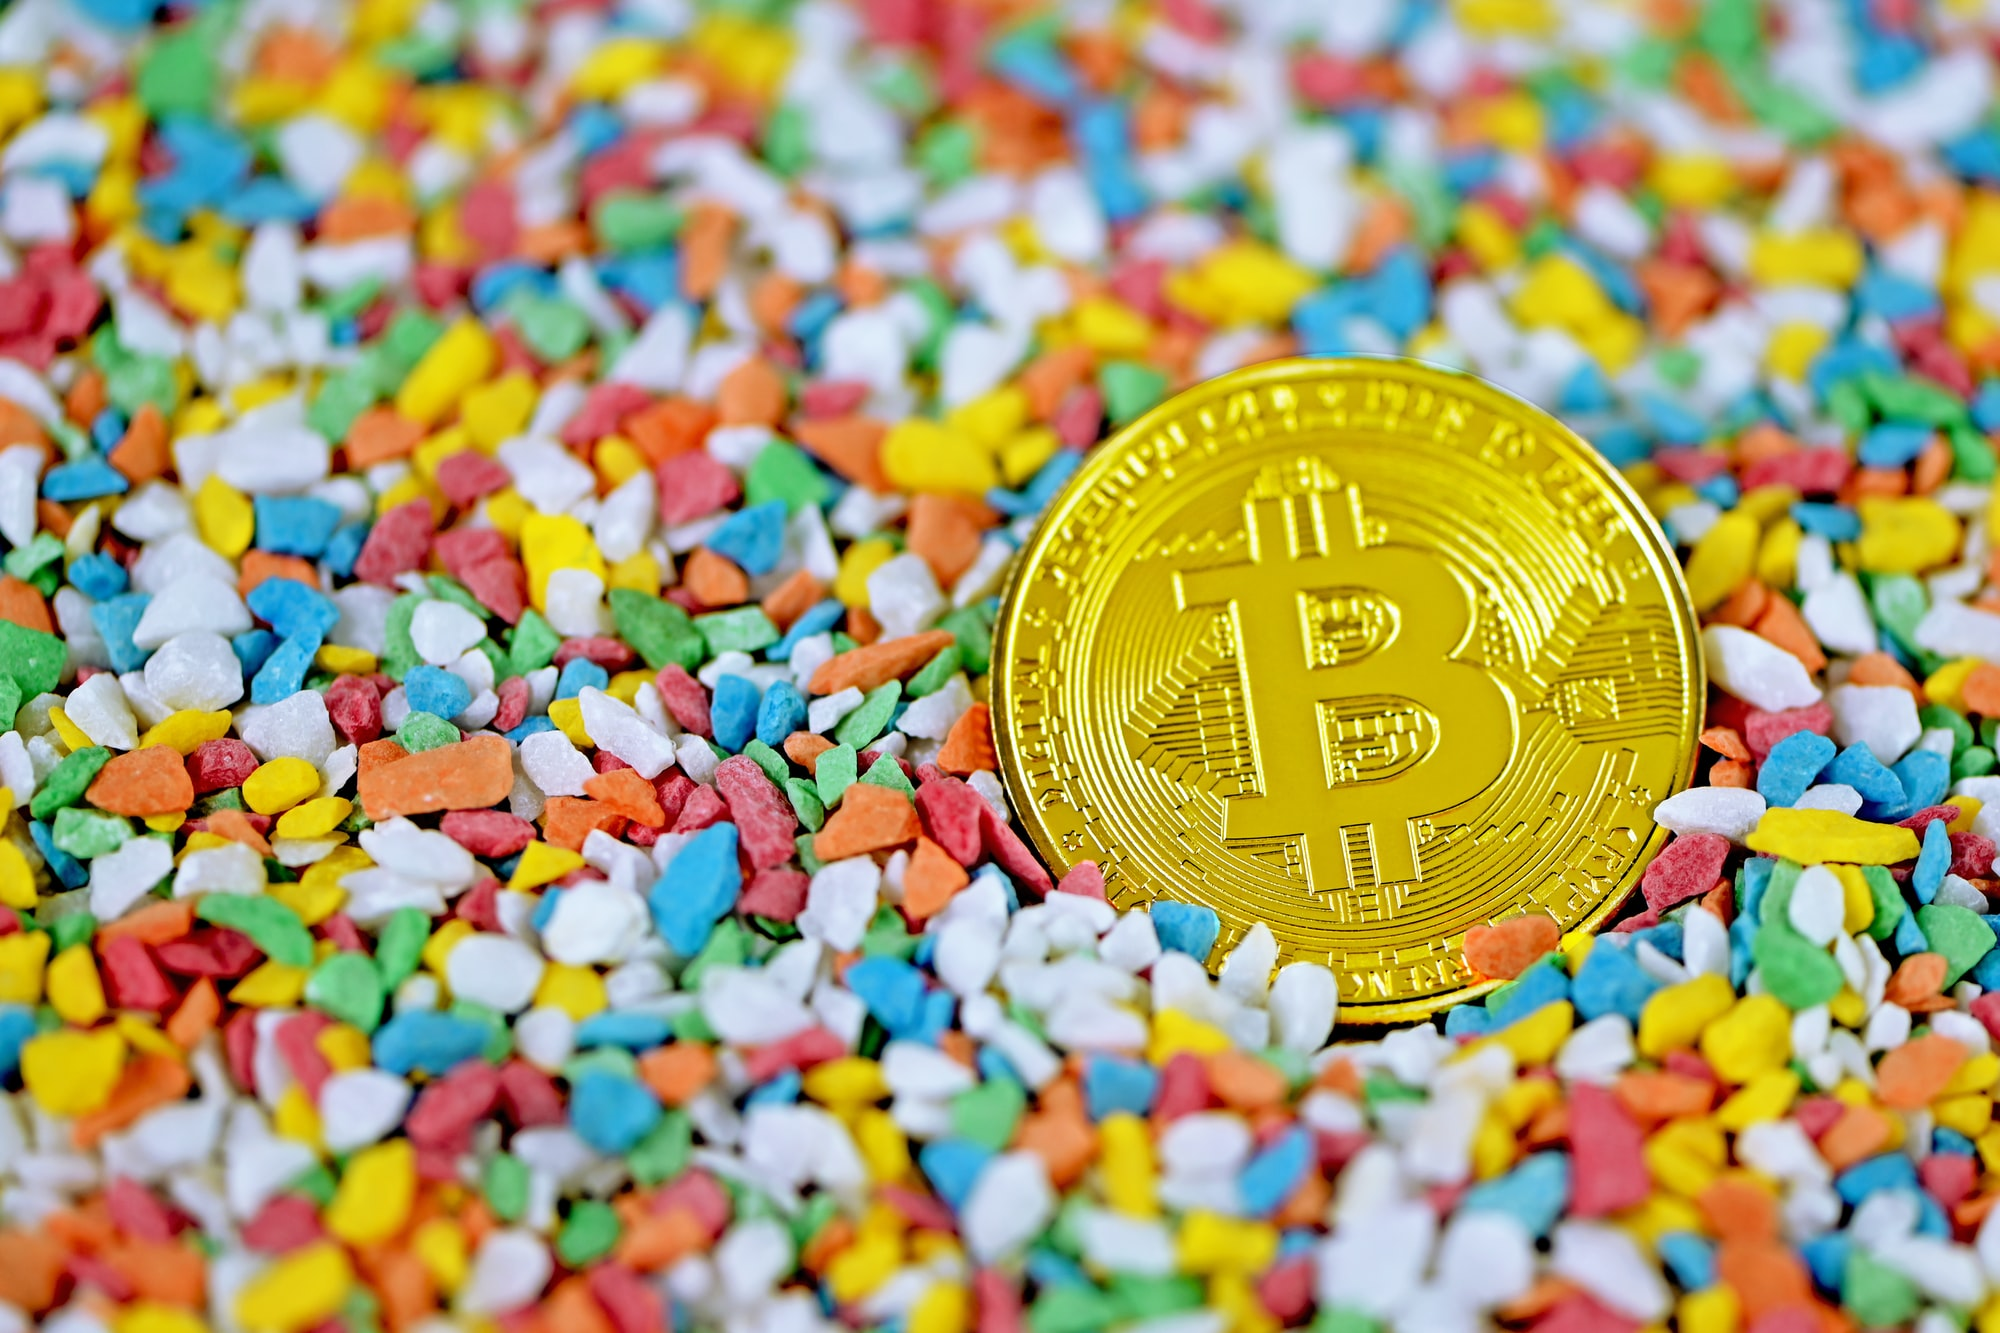 ราคา Bitcoin โตสองเท่าใน 75 วัน - นานแค่ไหนที่จะขึ้น 100% รอบถัดไป?